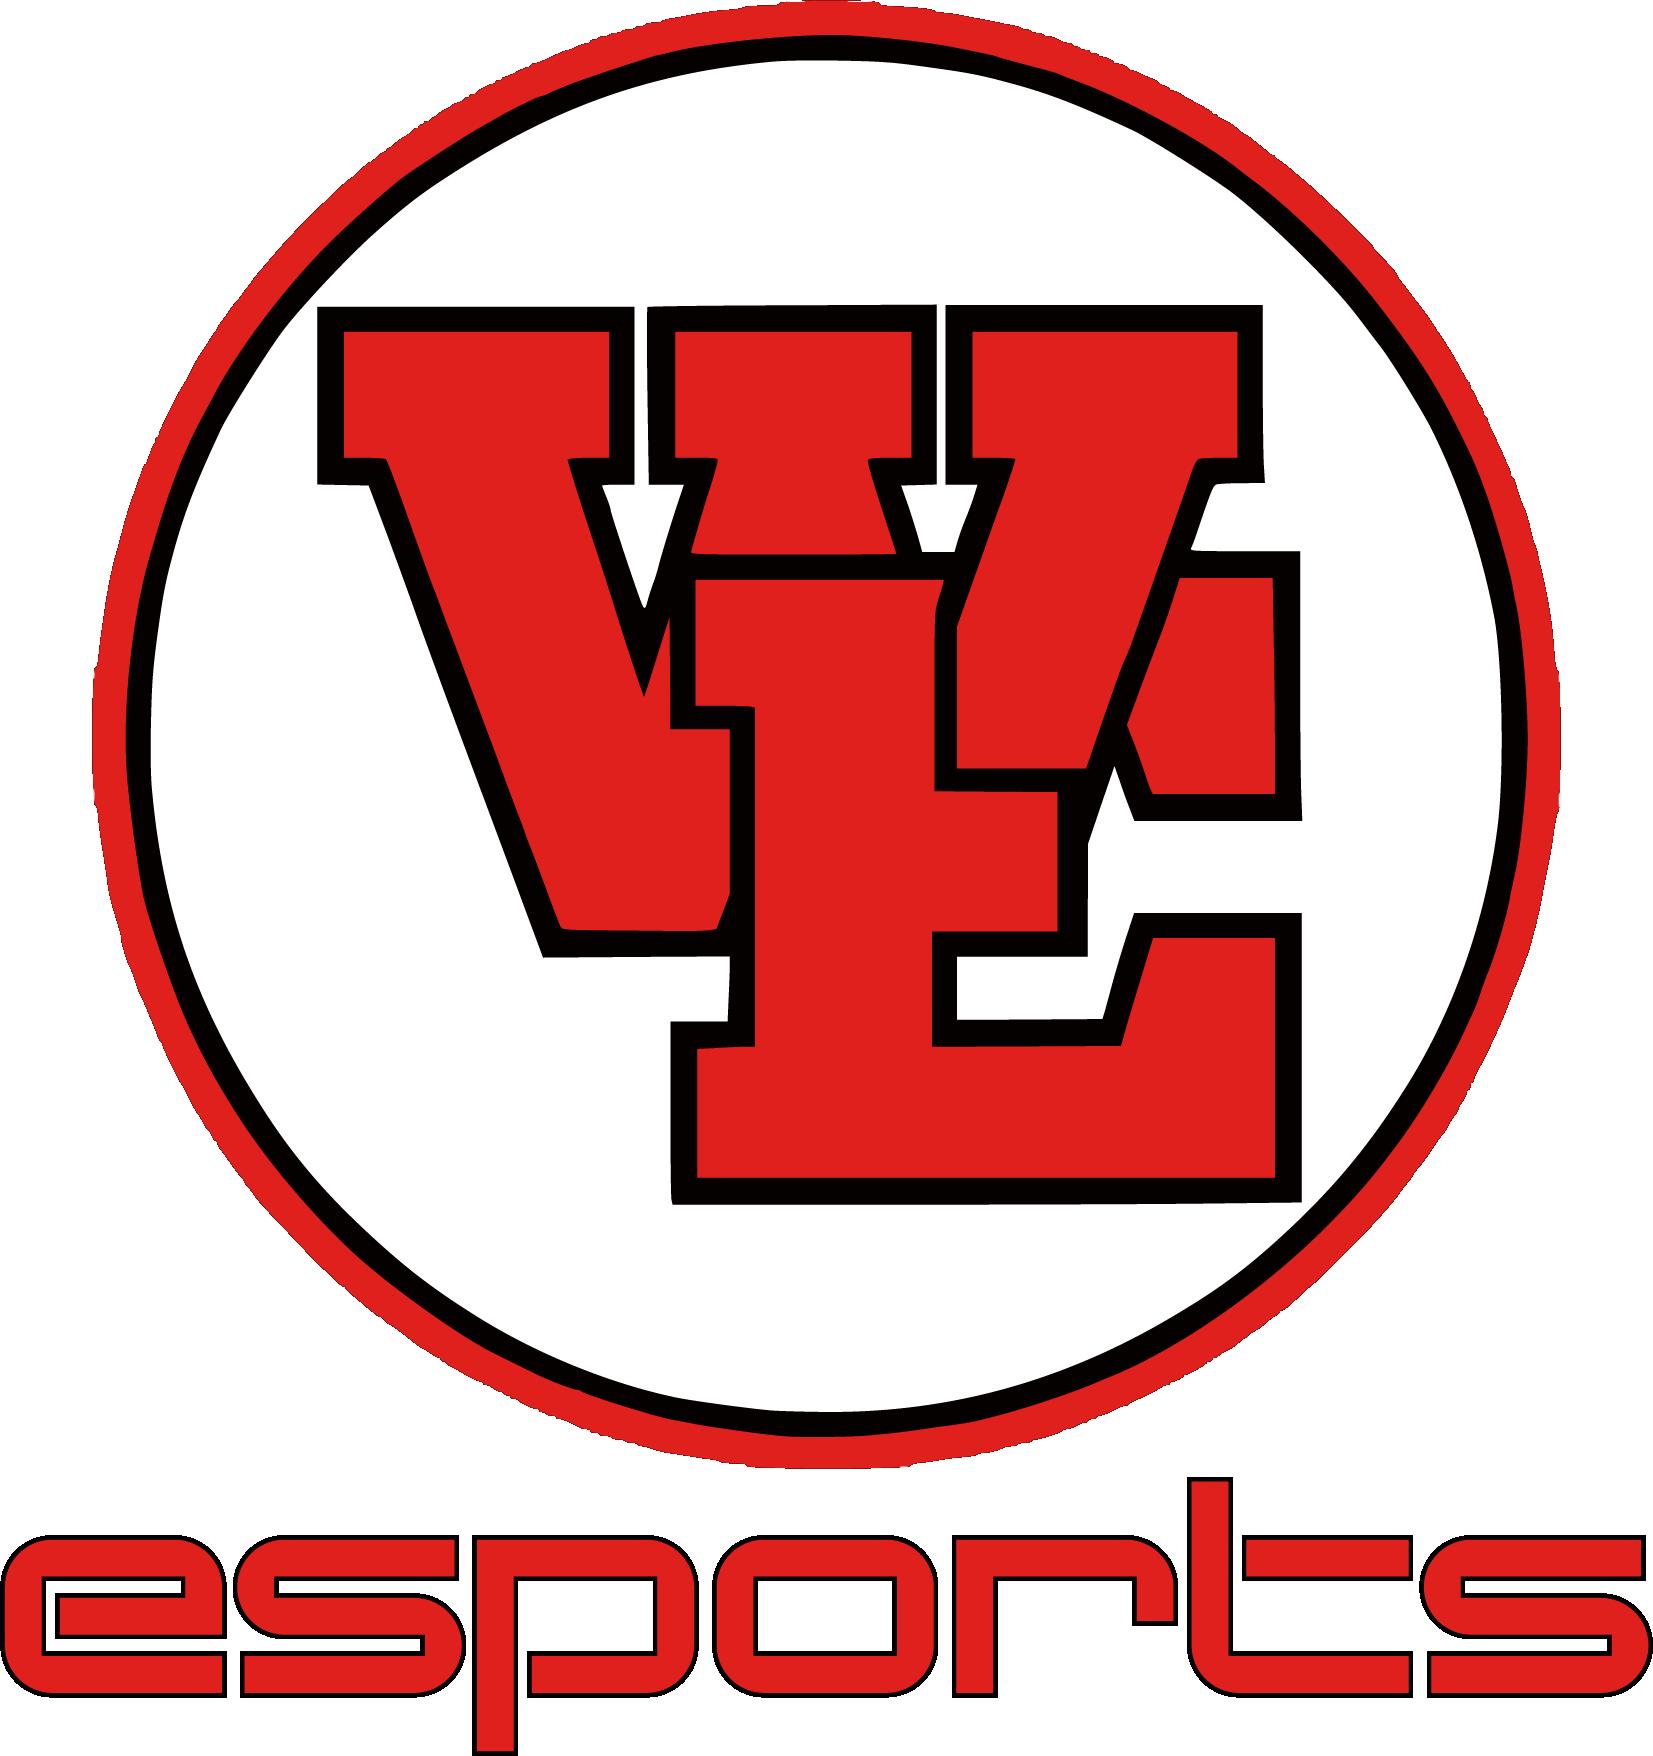 West Essex Knights Black's logo